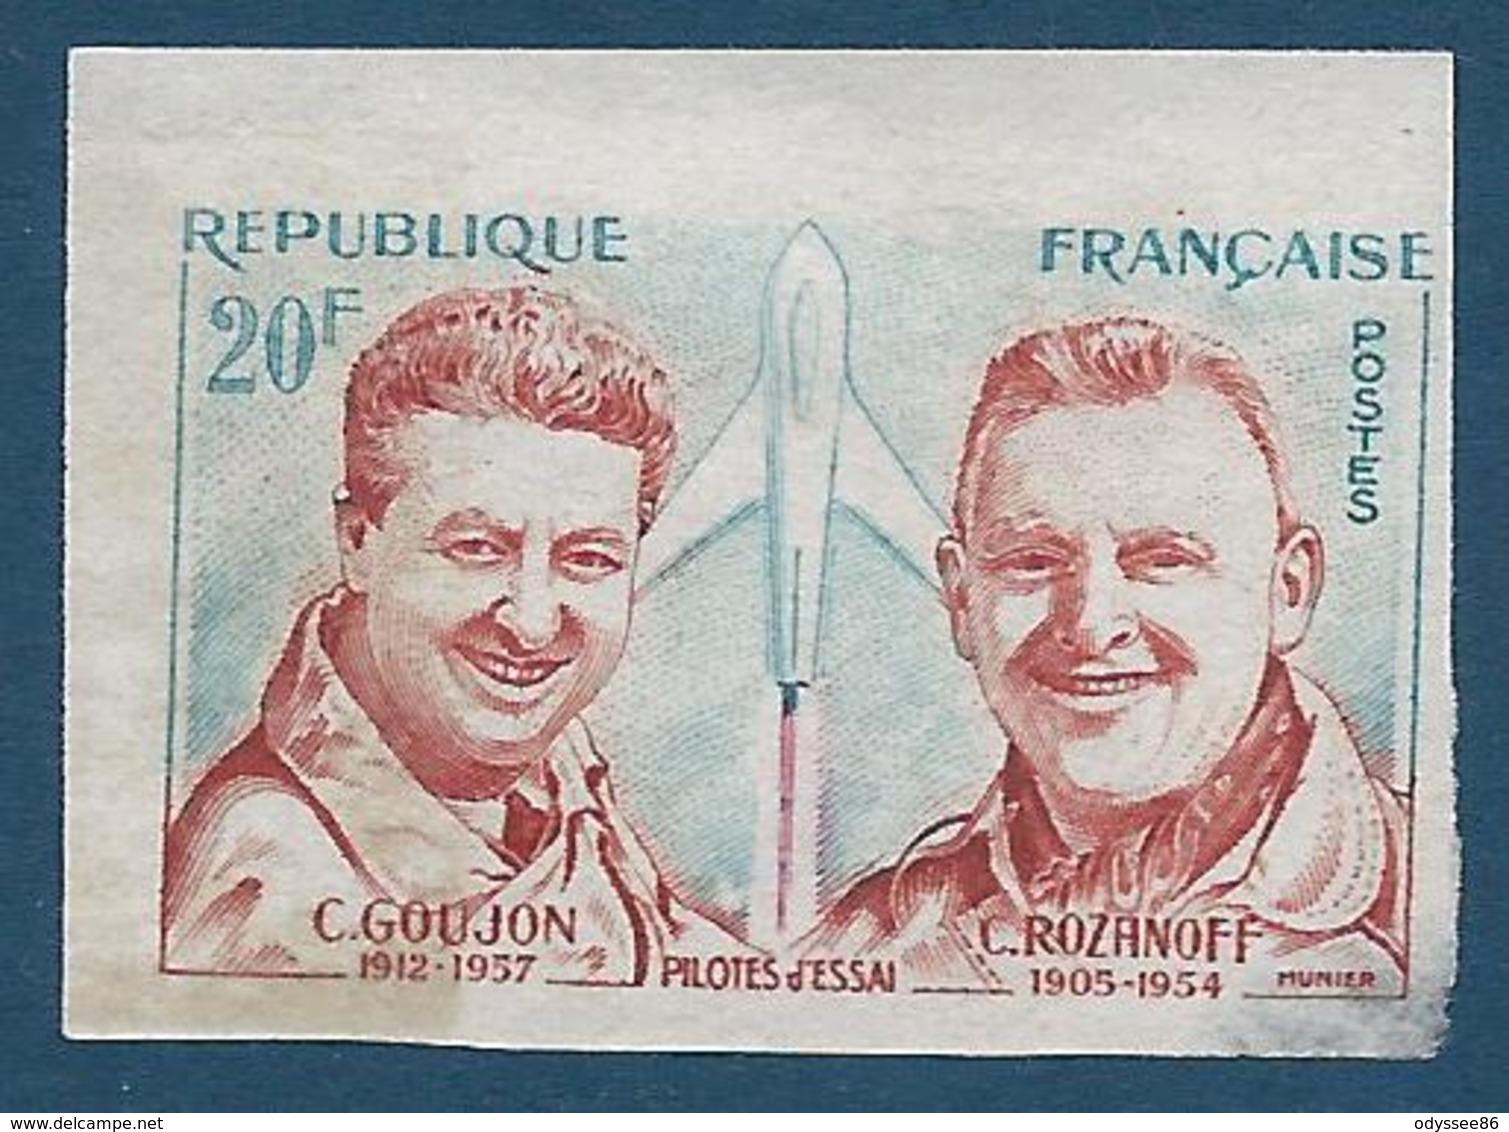 FRANCE 1959 - NON DENTELE - Y.T. N°1213 A - 20 F. - Hommage Aux Pilotes D'essai - Goujon Et Rozanoff - NEUF** - Bon Etat - France